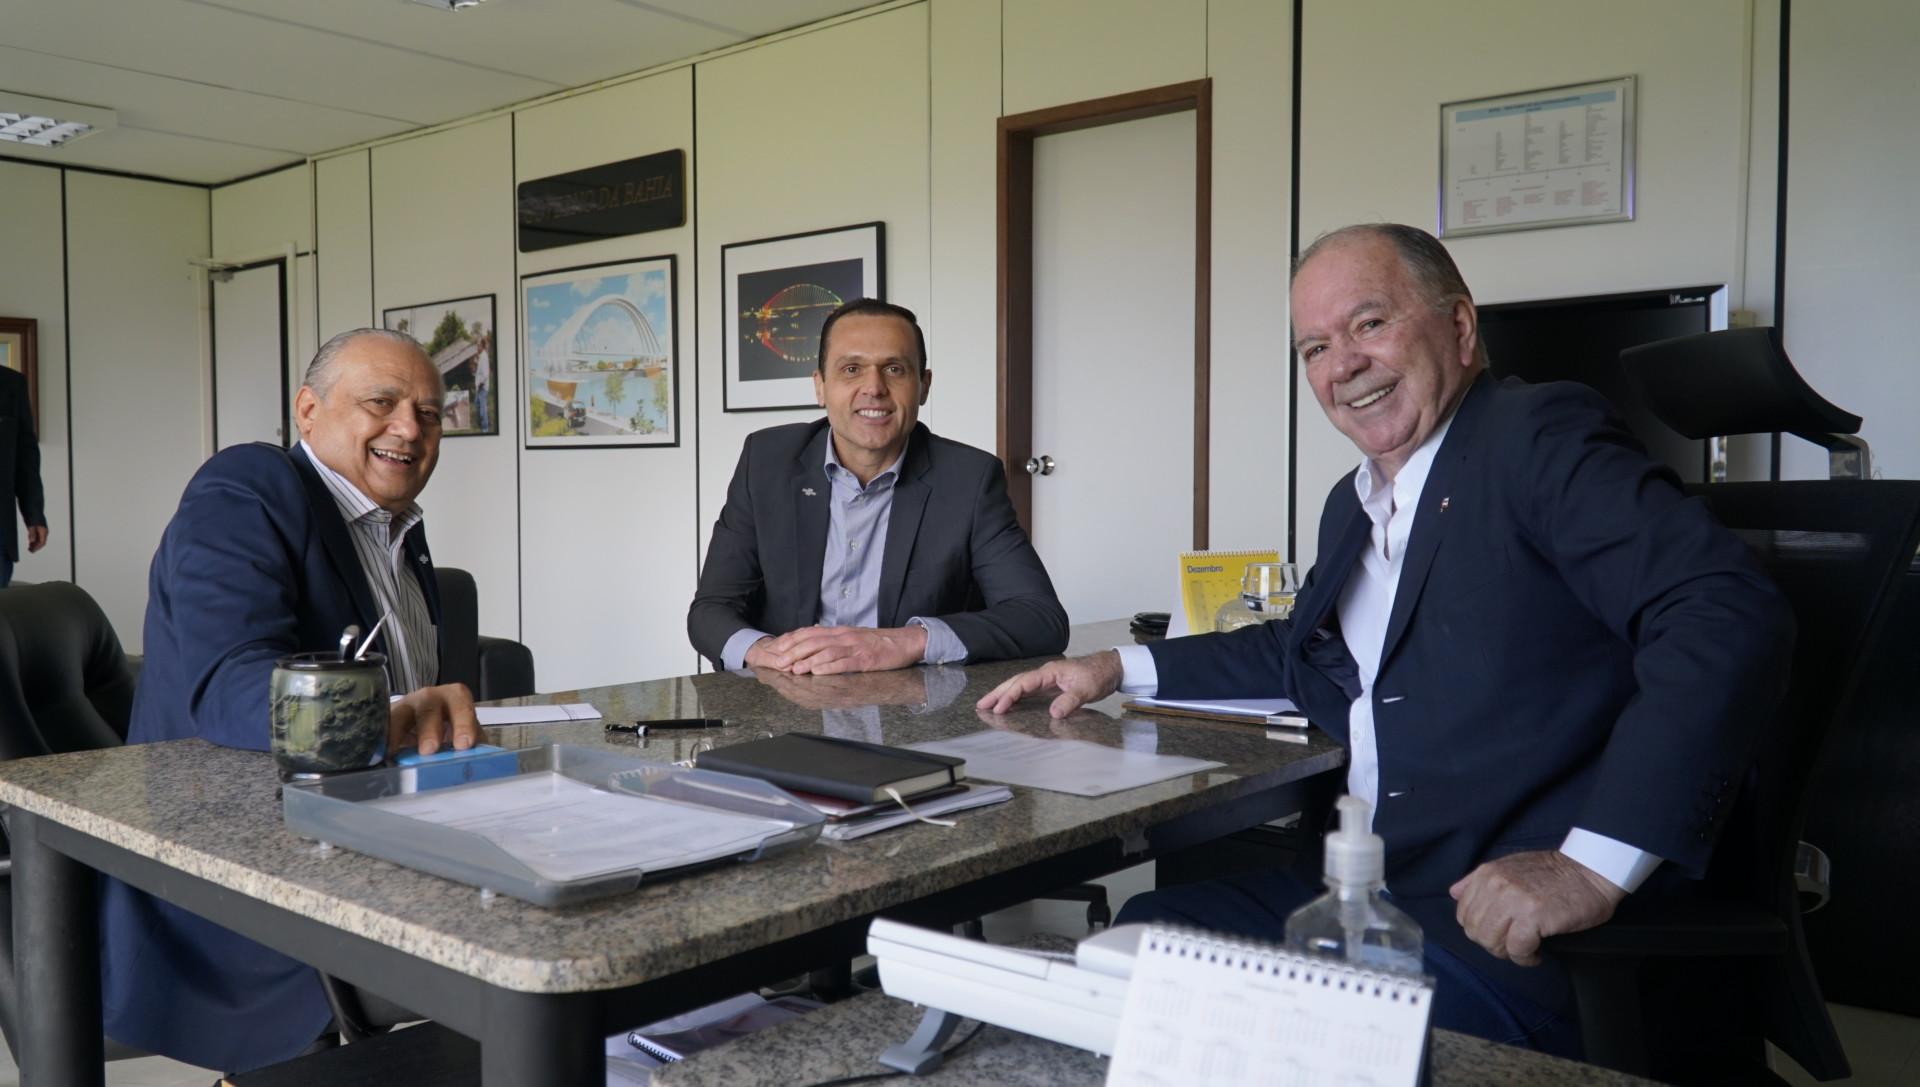 Reunião com o Vice-governador da Bahia, João Felipe de Souza Leão